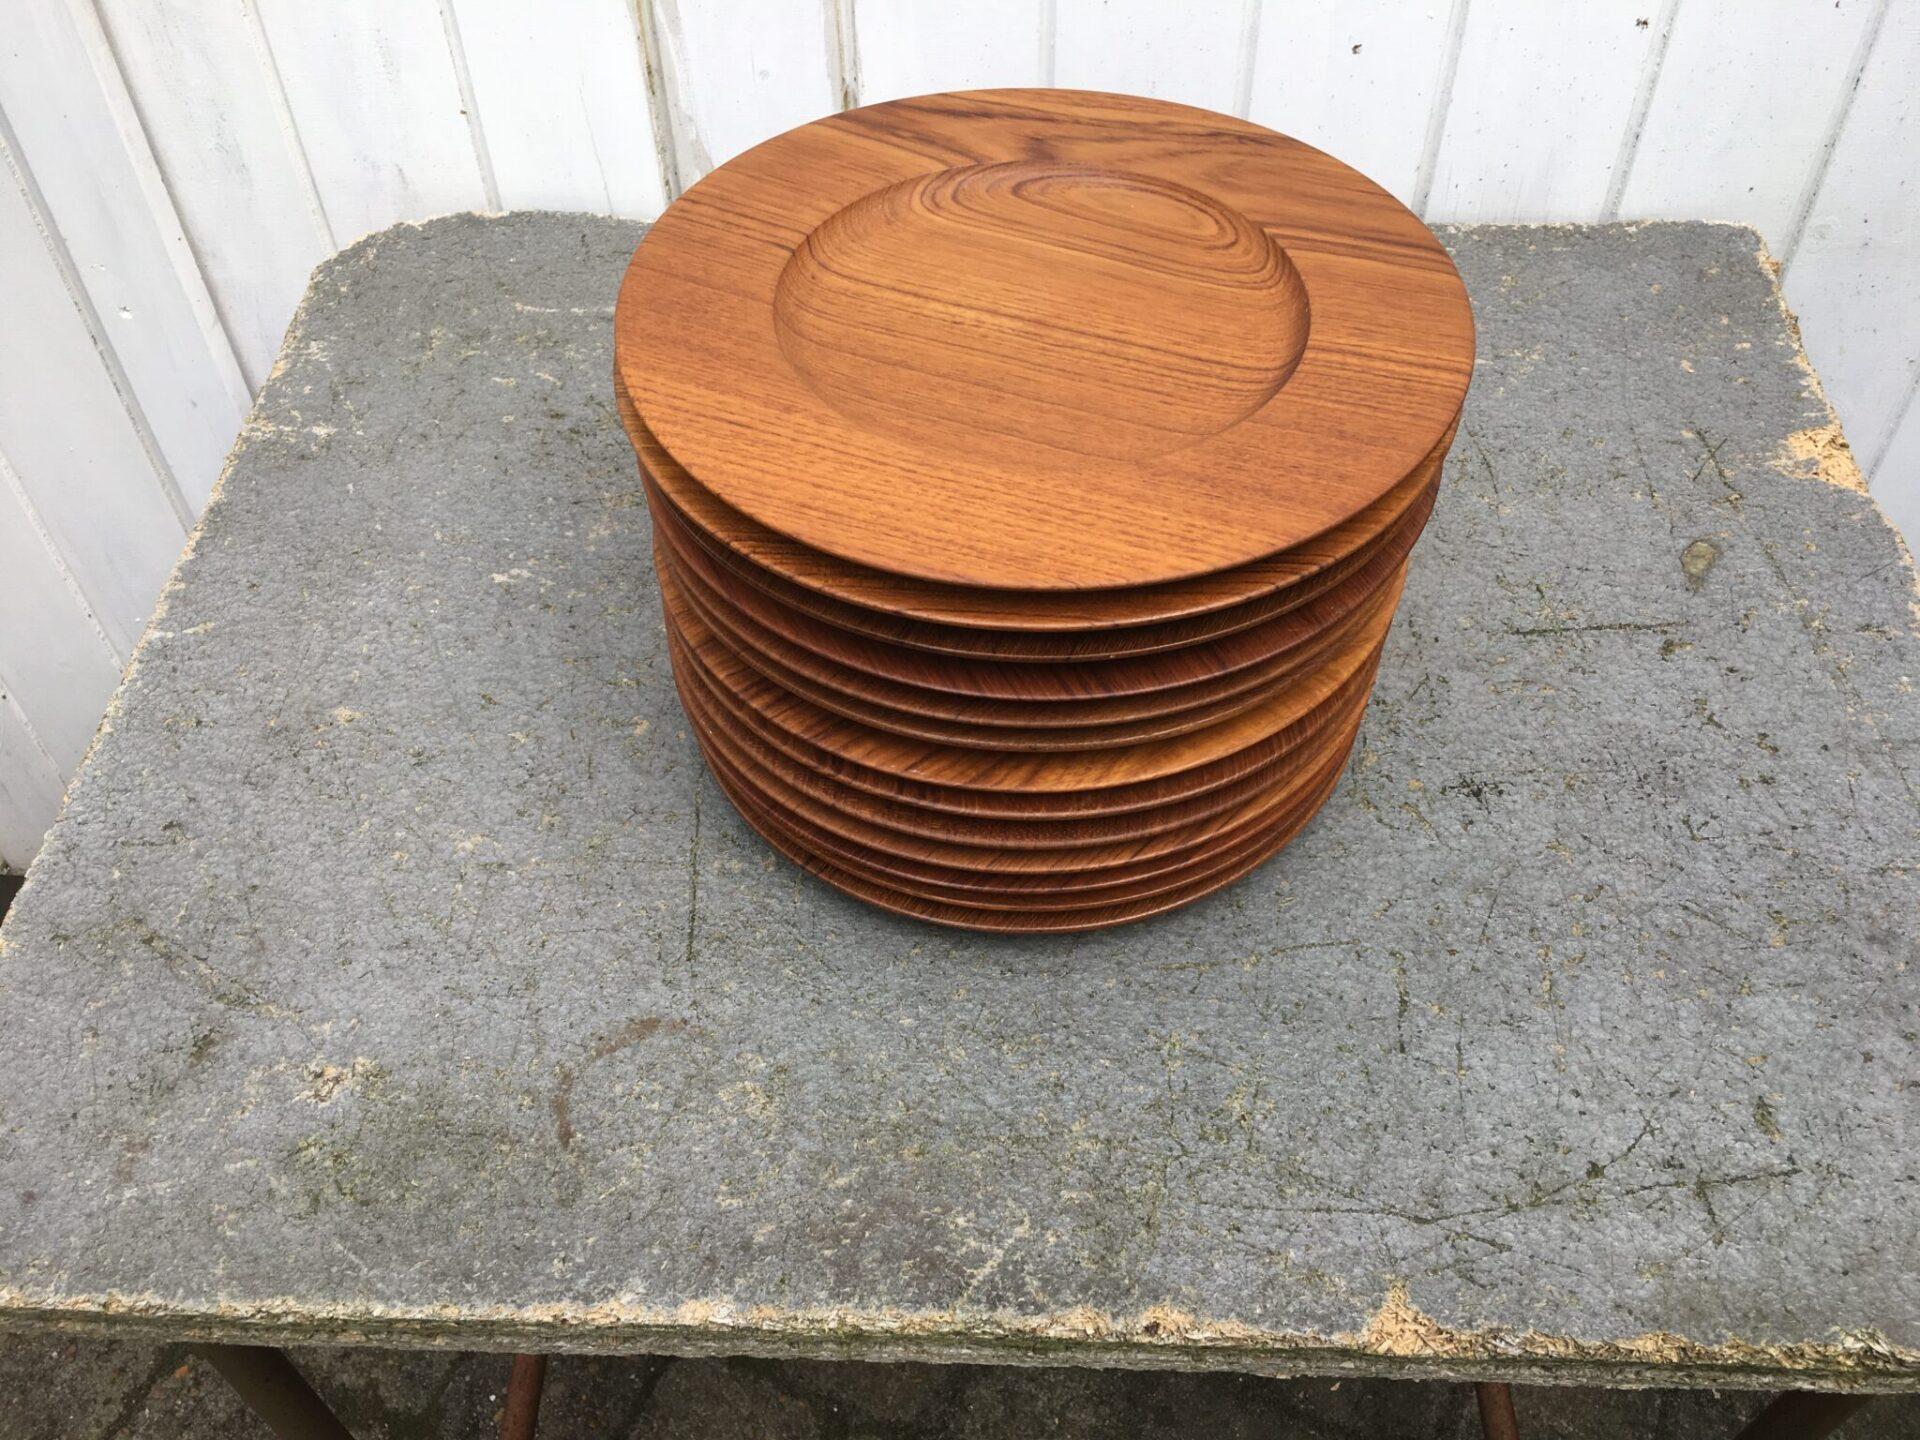 12 stk velholdte dækketallerkner af teaktrø, d=27,5 cm, mrk.